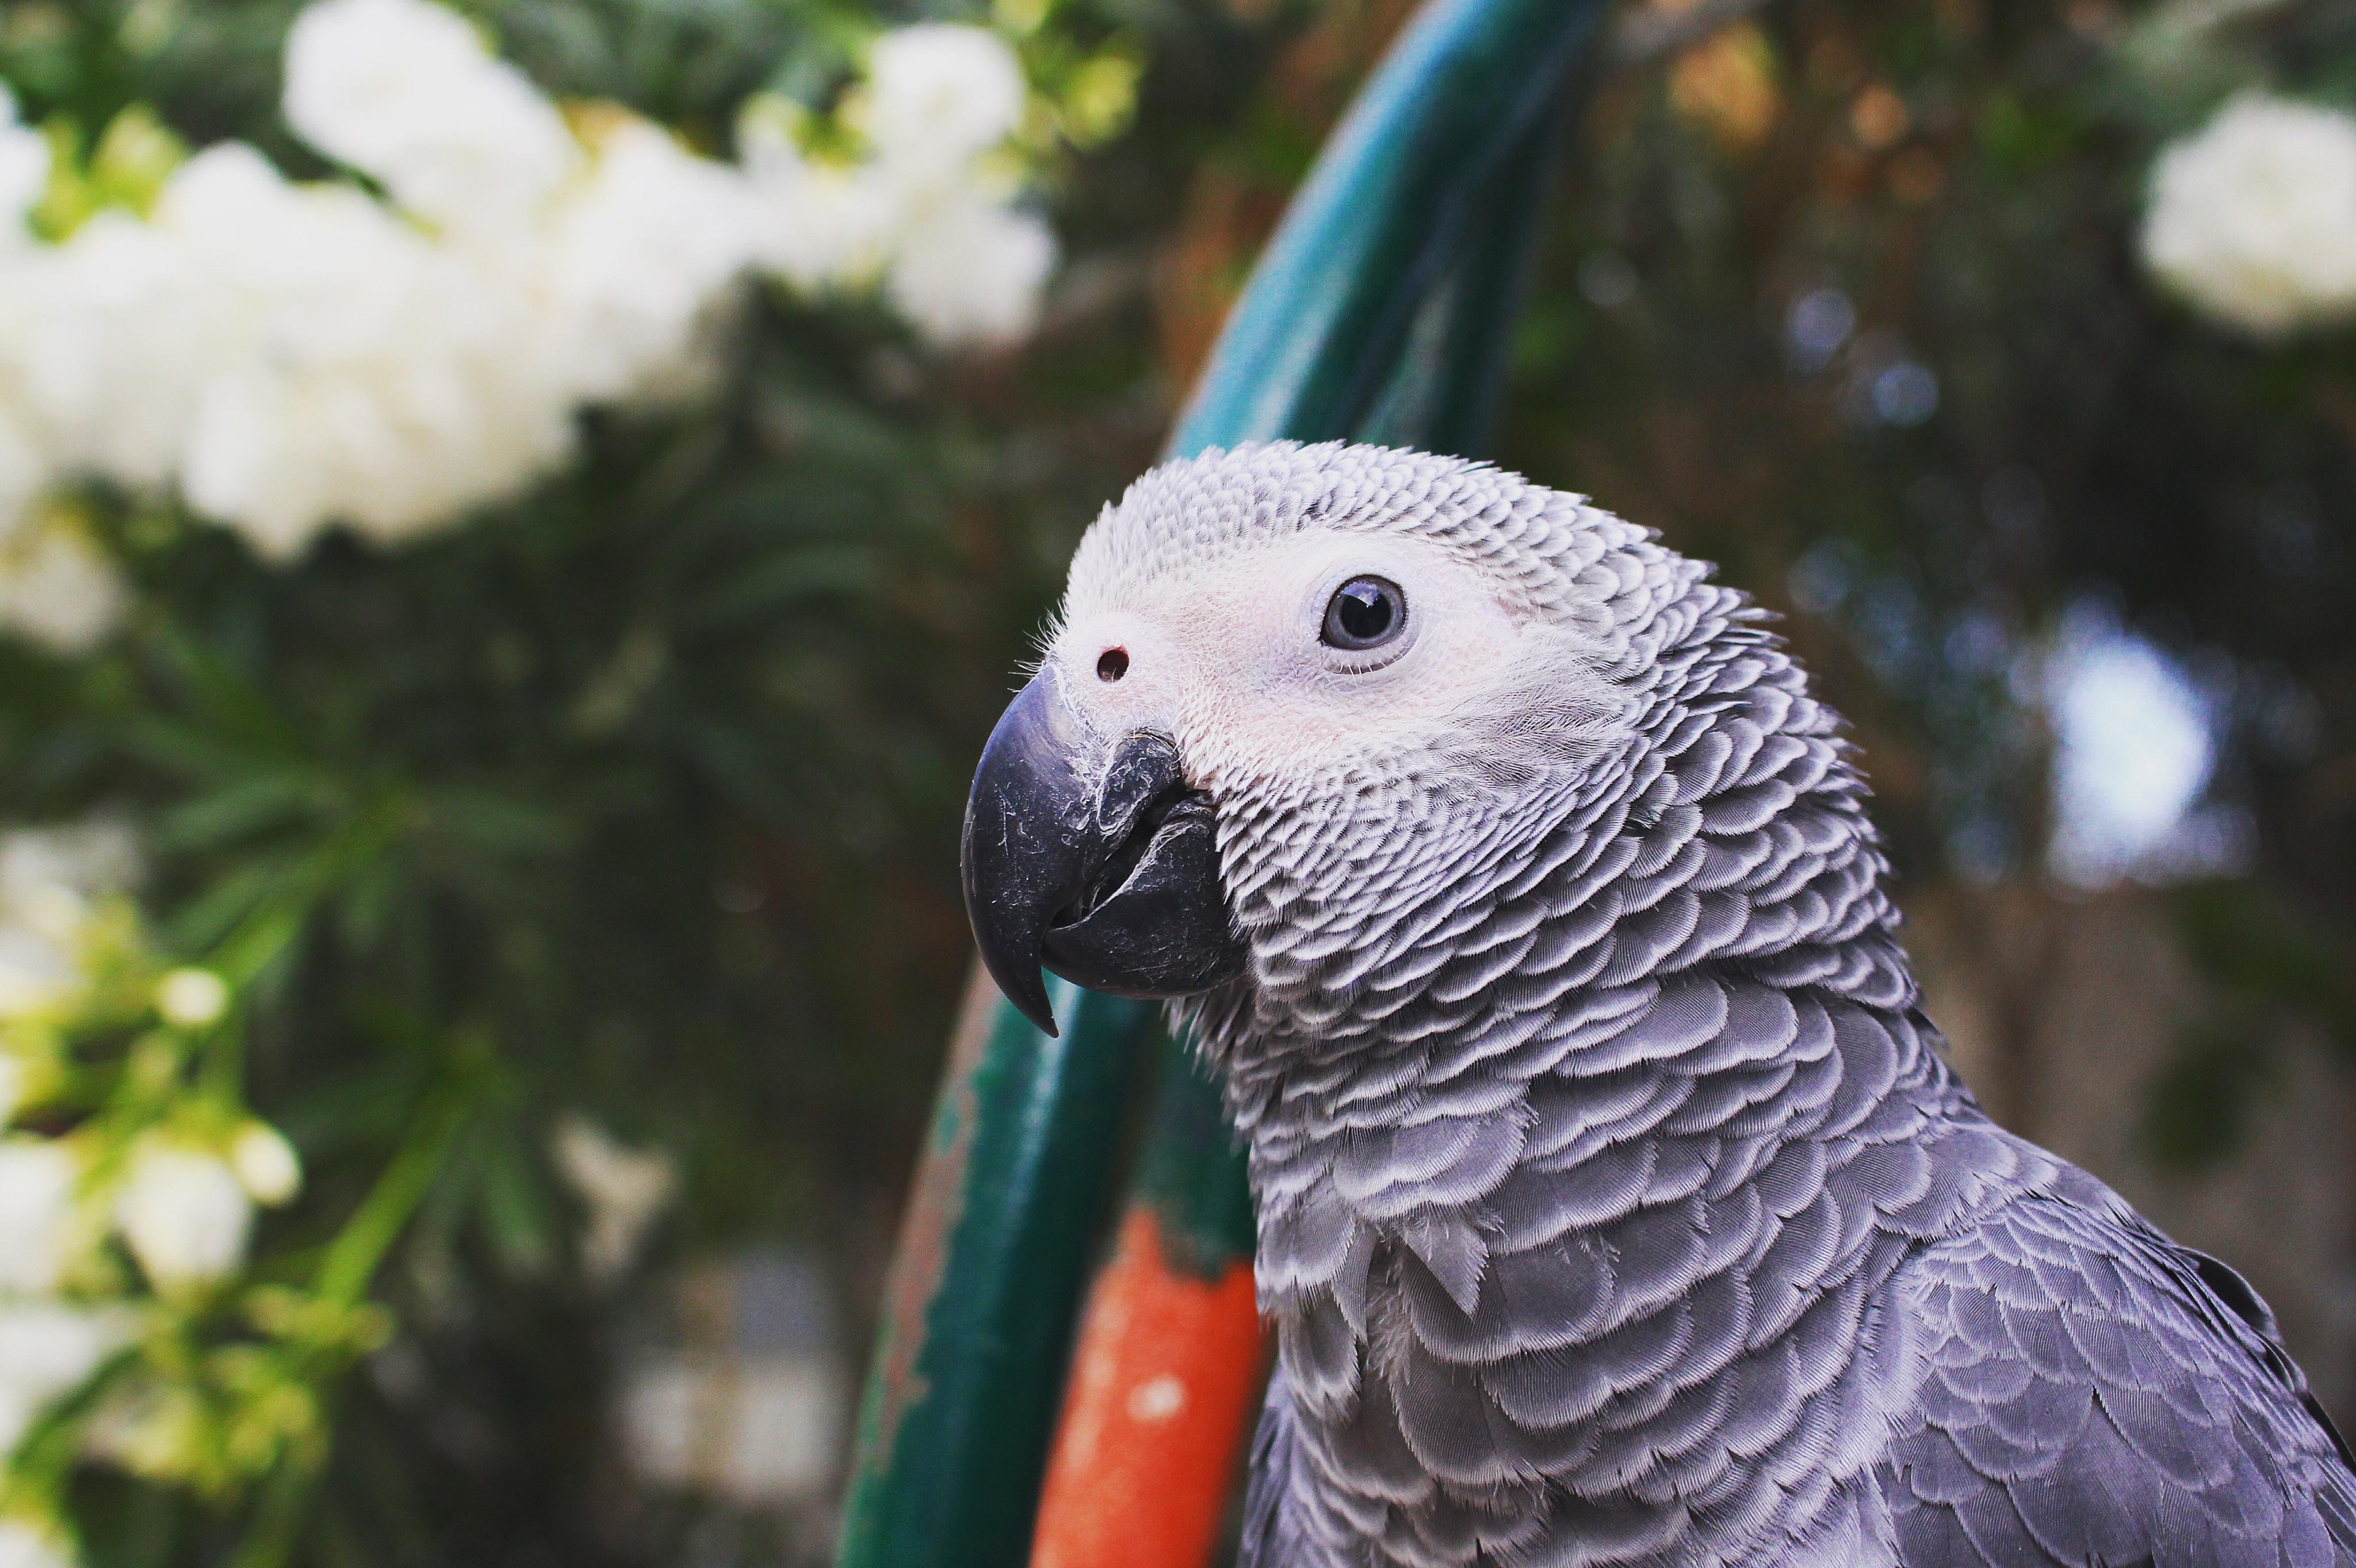 Images Gratuites Oiseau Faune Le Bec Ara Vertebre Perroquet Perruche Perroquet Commun Cacatoes A Crete Soufree Gris Africain 4096x2726 87123 Banque D Image Gratuite Pxhere